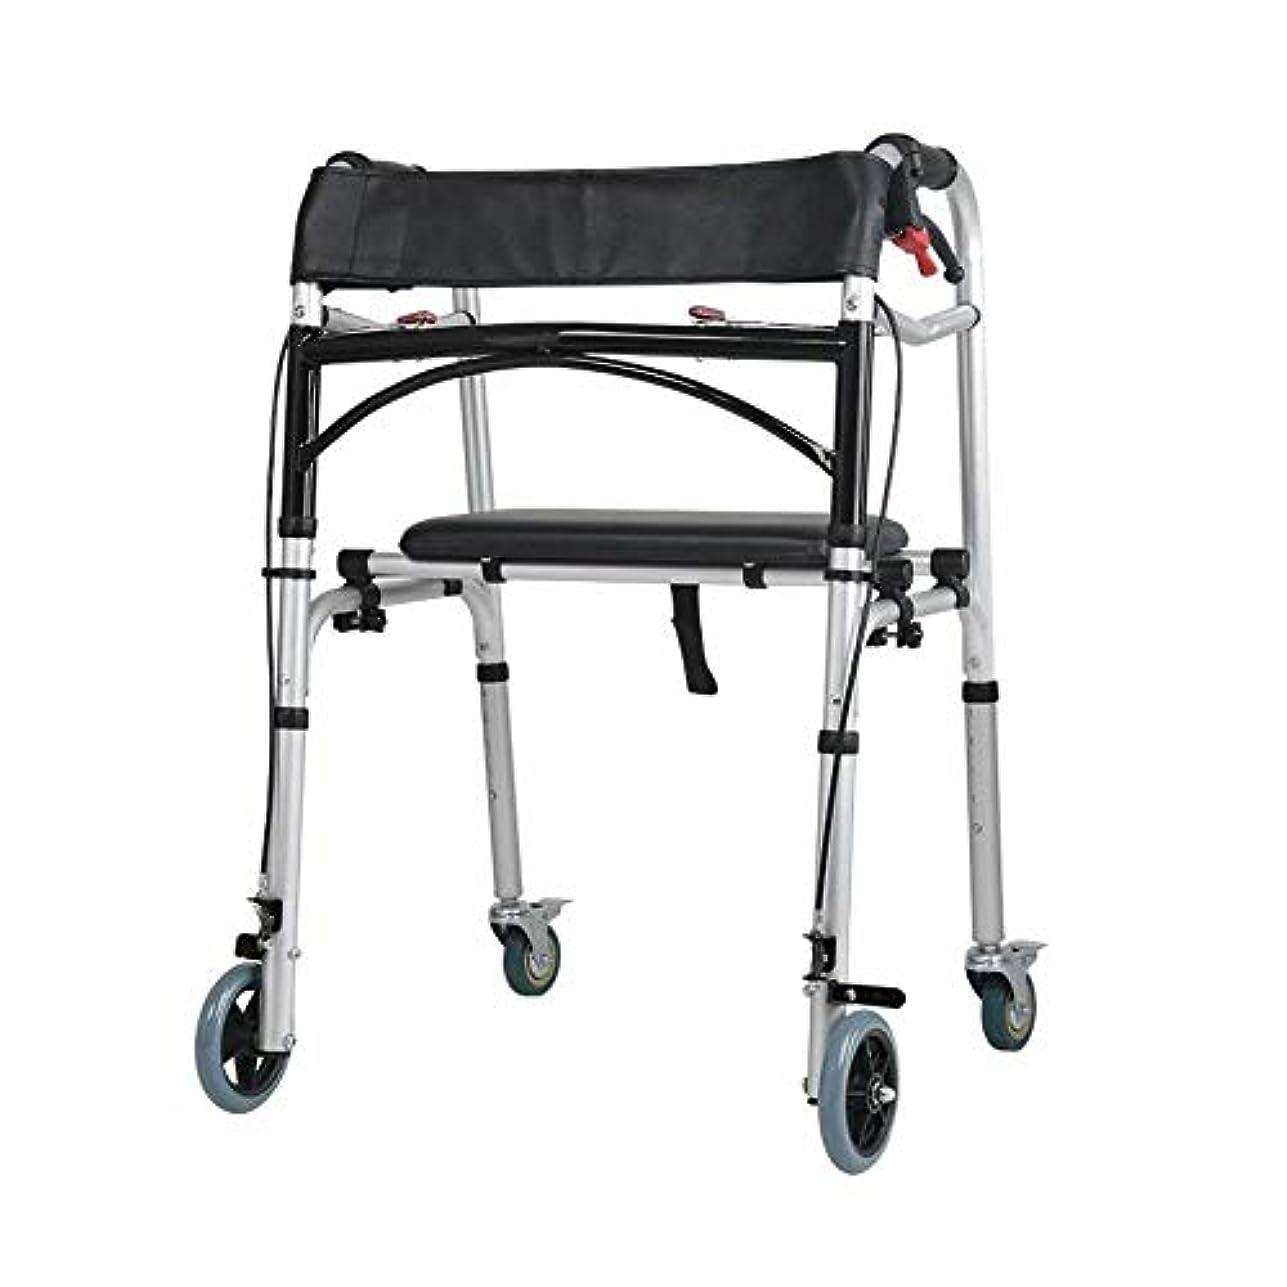 宗教的なゆりかご十代の若者たちキャリングハンドルとフリップシート、多機能高齢者歩行杖4脚アンチスリップチェアスツール付き2輪ウォーキングフレーム (Color : 黒)